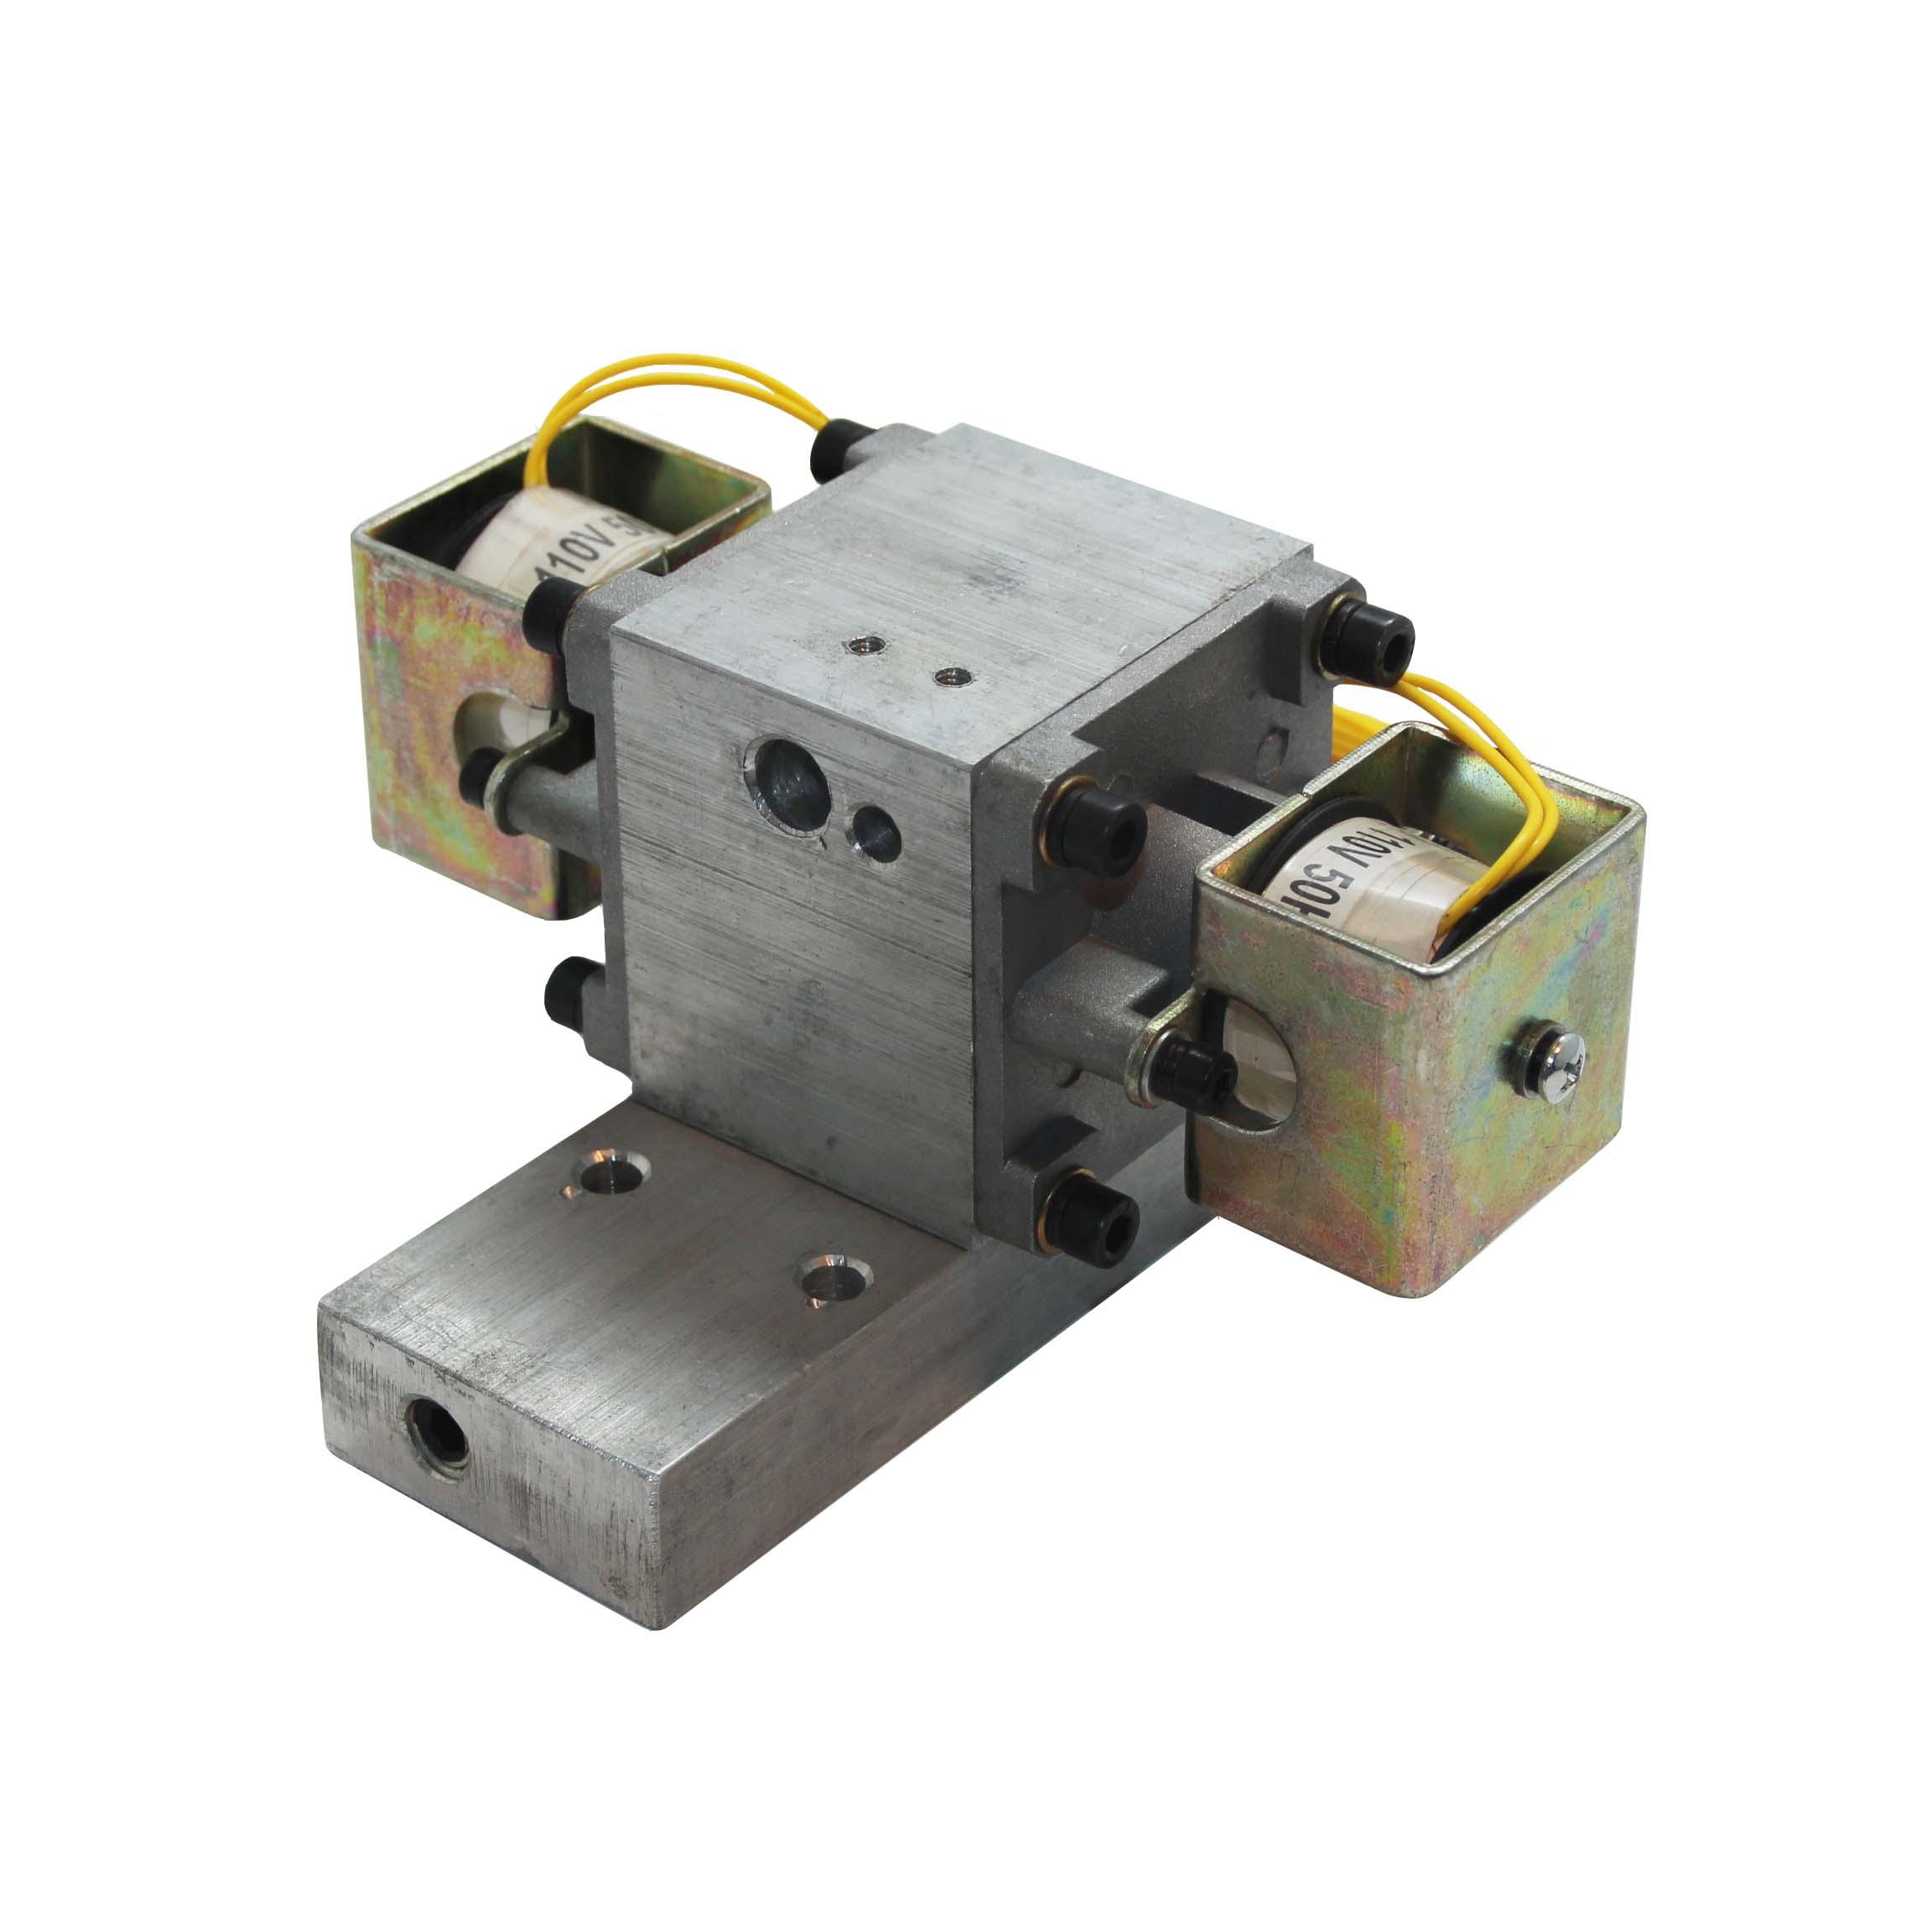 Блок клапанов для вакуумного инжектора DX-03